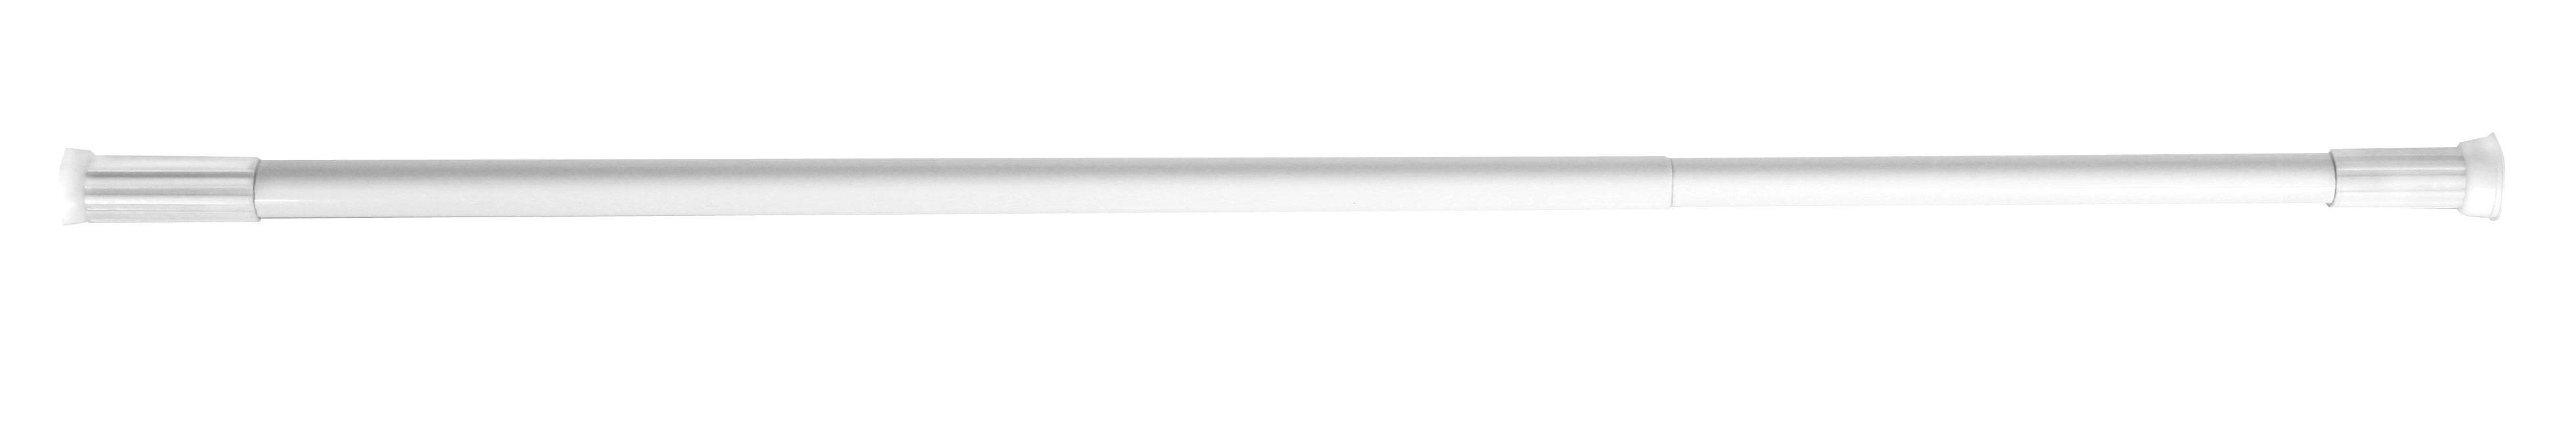 Bara alba extensibila 70-120cm, suport pentru perdea de dus - AWD02100229